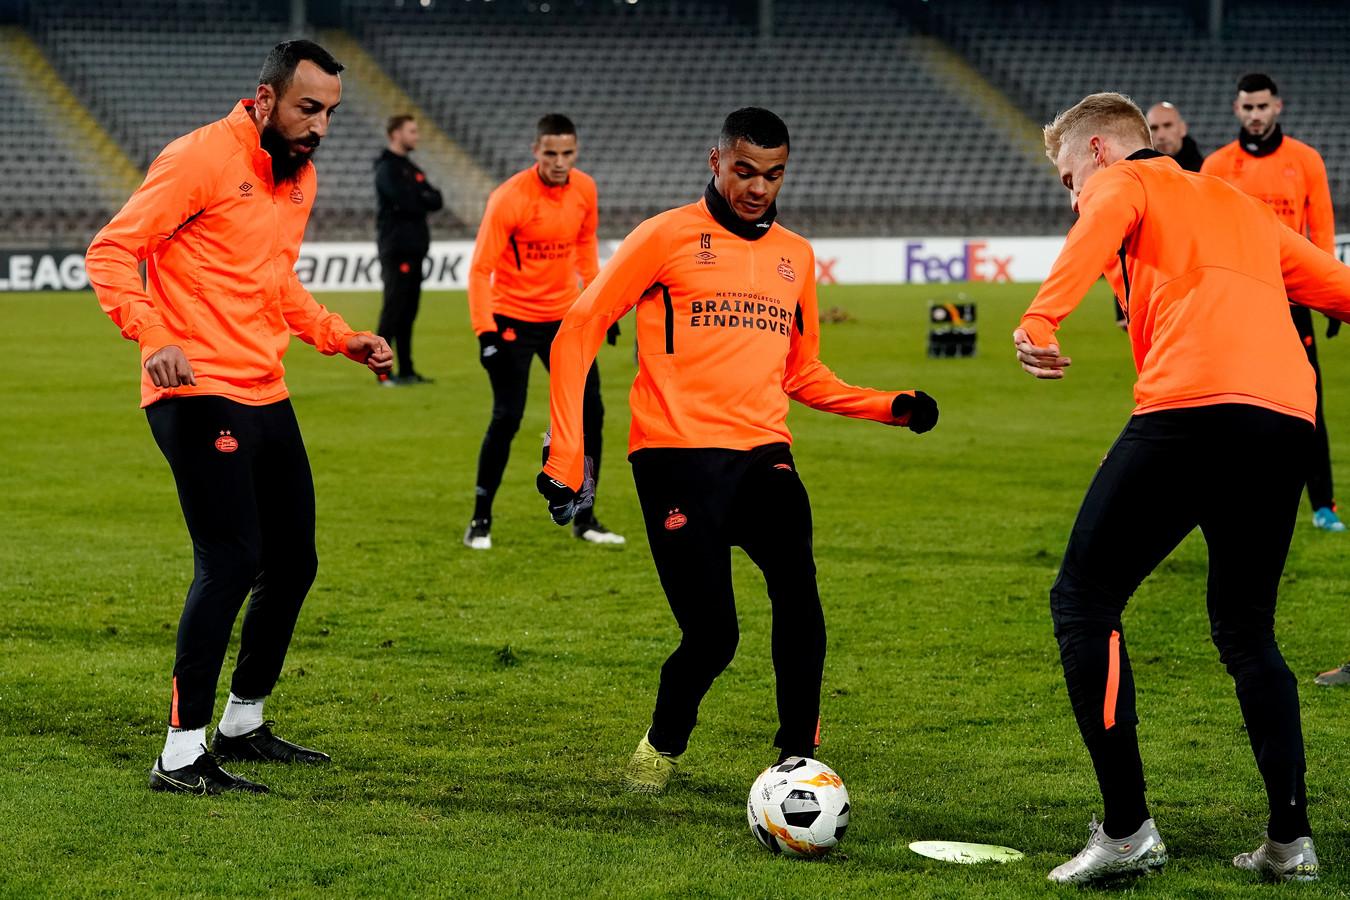 PSV trainde gisteren op het veld in Linz in aanloop naar het duel tegen LASK.